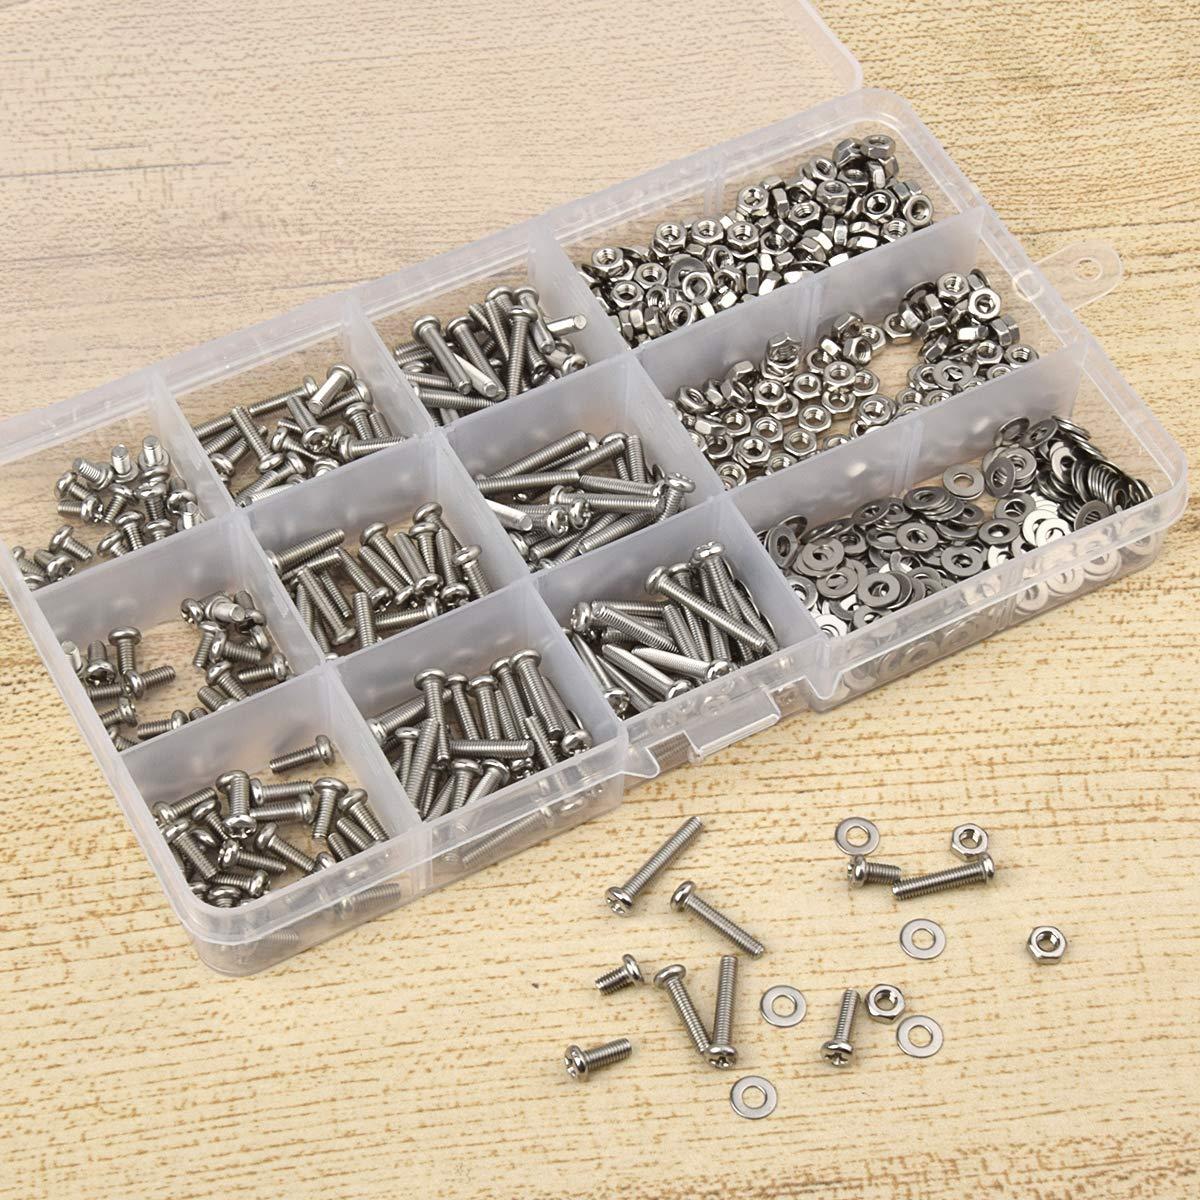 cabeza de sart/én tornillos Set de tornillos de acero inoxidable tuercas arandelas planas m/áquina tornillos Kit Loscrew 765 piezas M3 tornillos